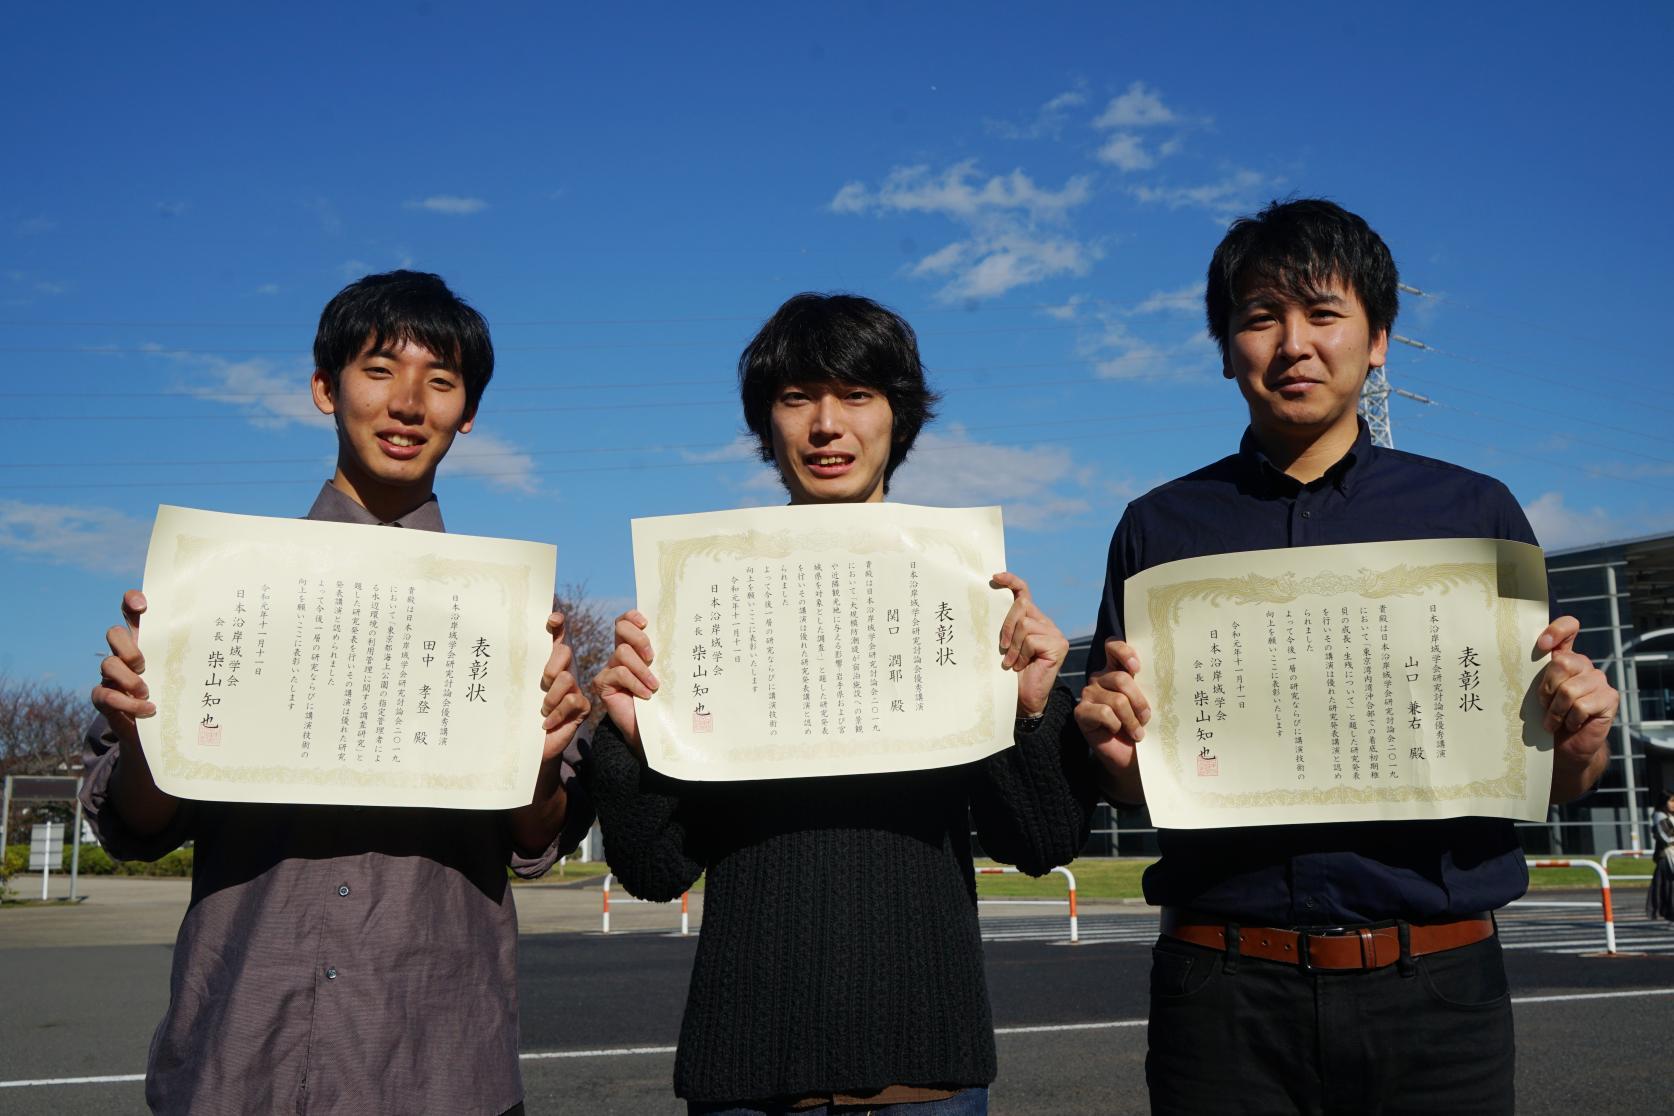 海洋建築工学専攻2年関口潤耶さん、山口兼右さん、1年田中孝登さんが、「日本沿岸域学会研究討論会」において、「研究討論会優秀講演表彰」を受賞しました。